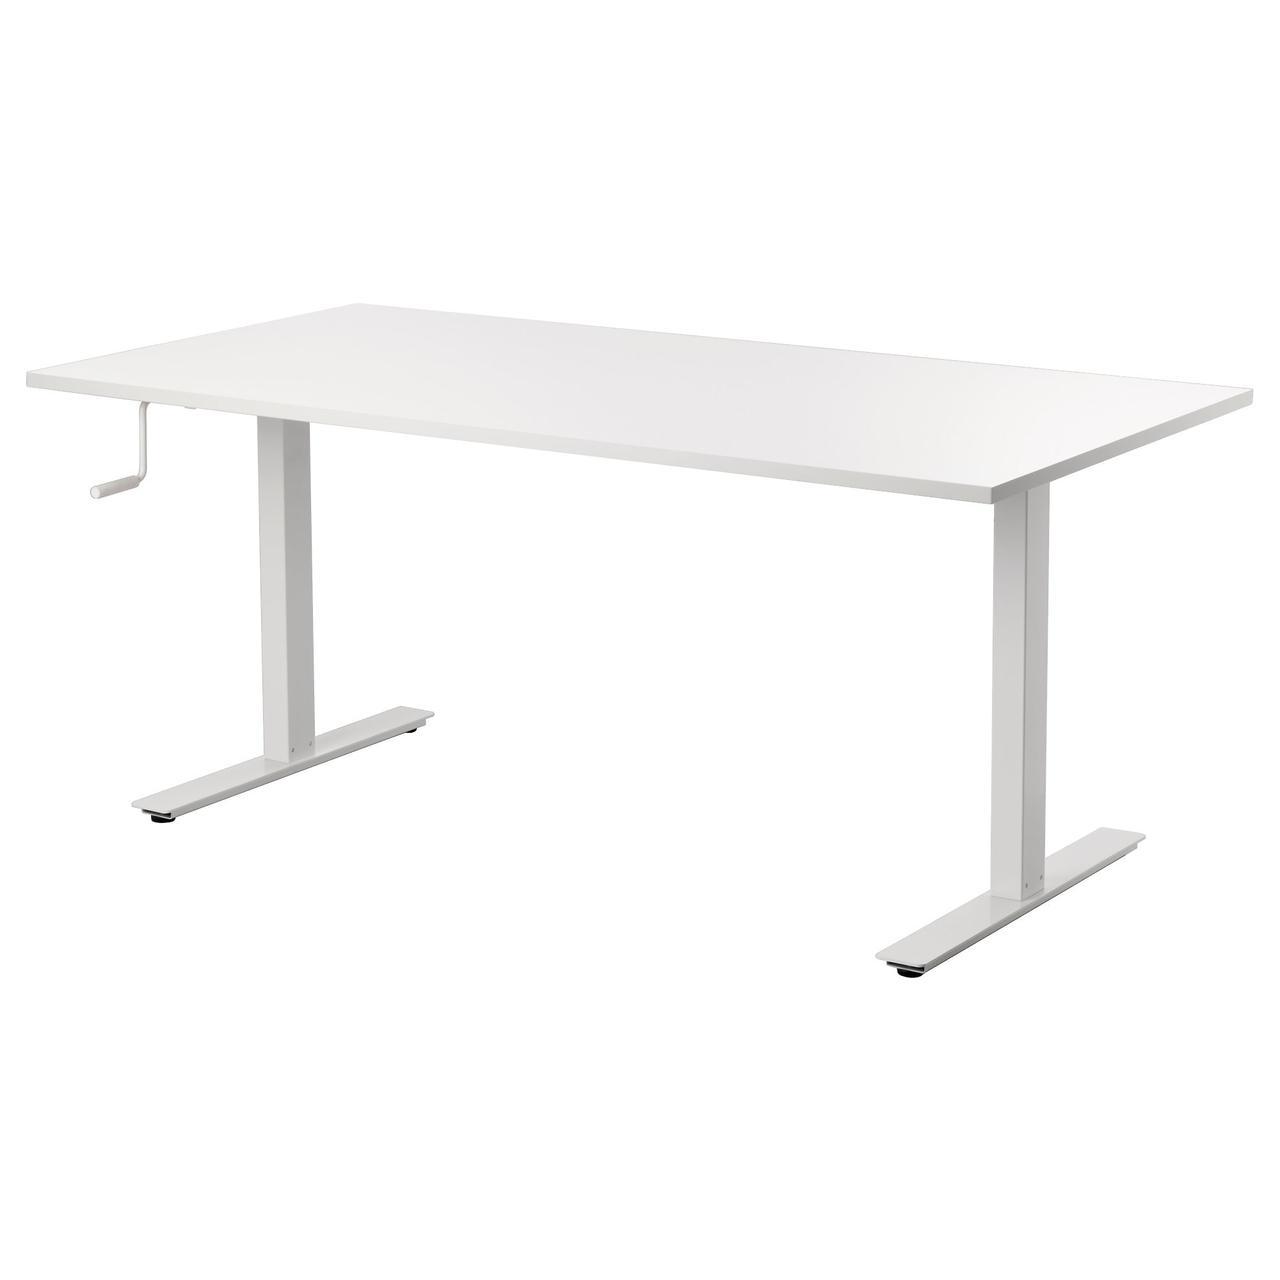 Ikea Skarsta 29084966 письменный стол для сидениябелый в